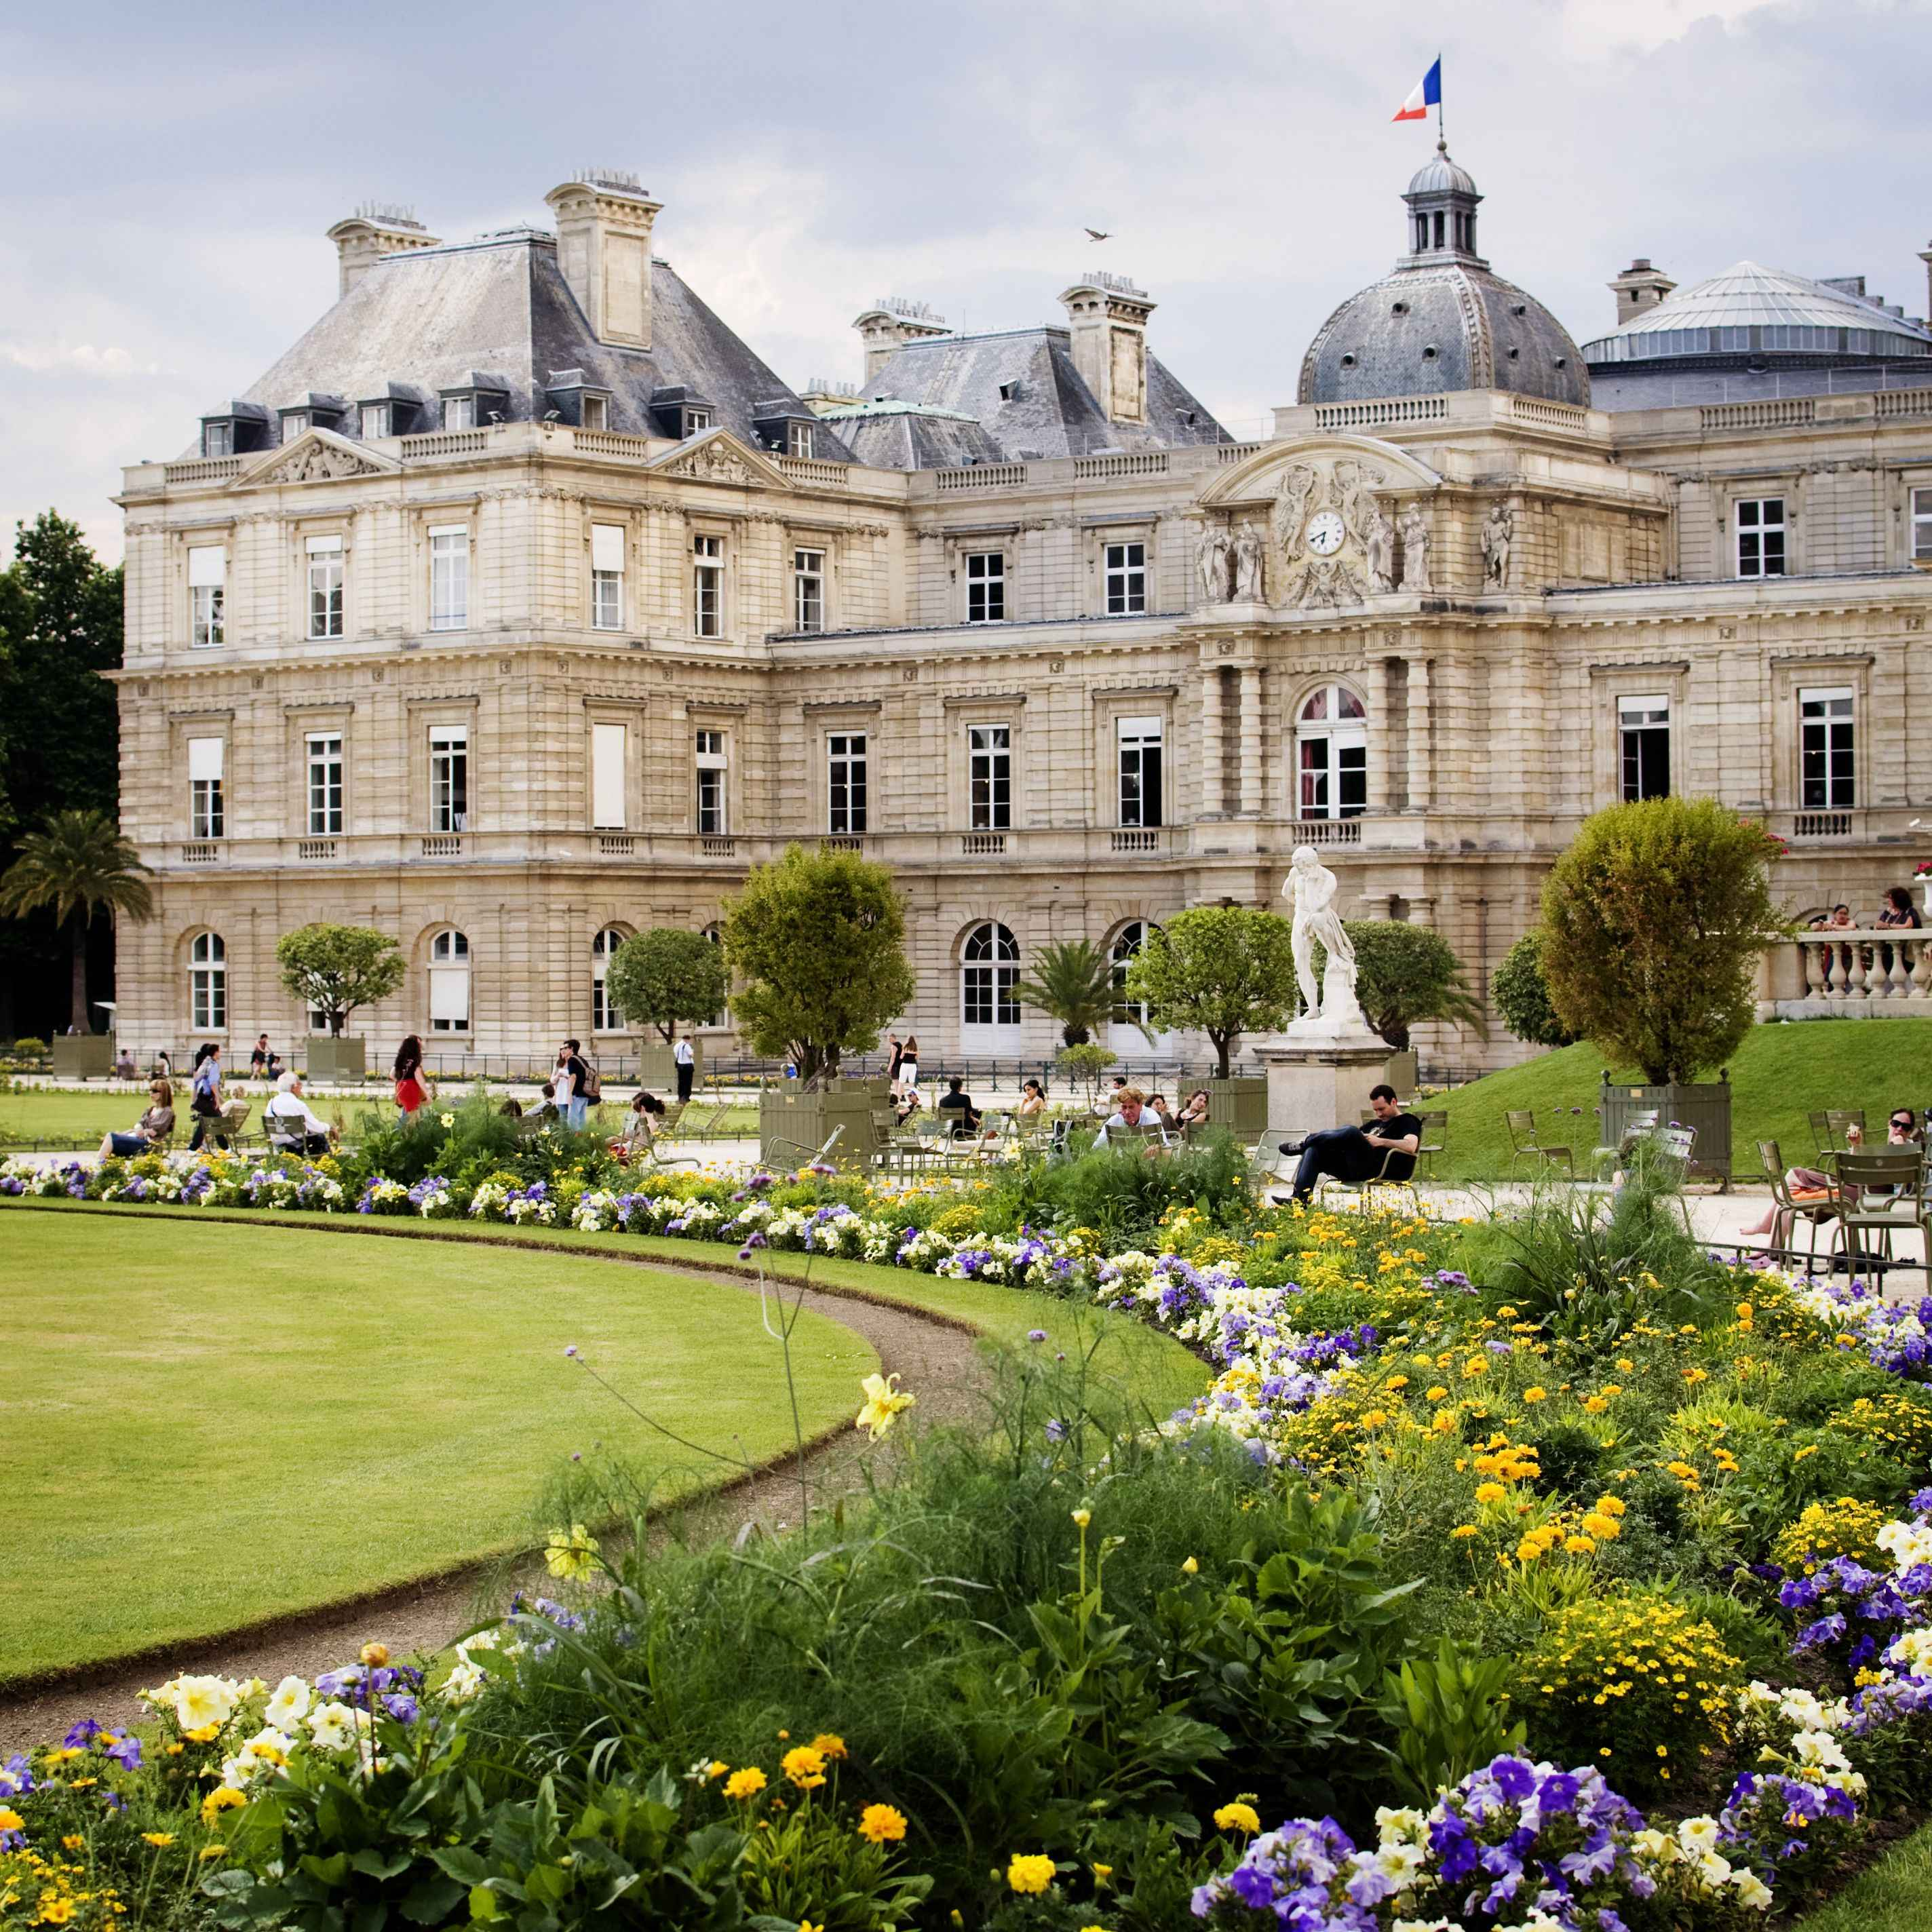 6 nơi nhất định phải đặt chân đến ở Paris tugo.com.vn